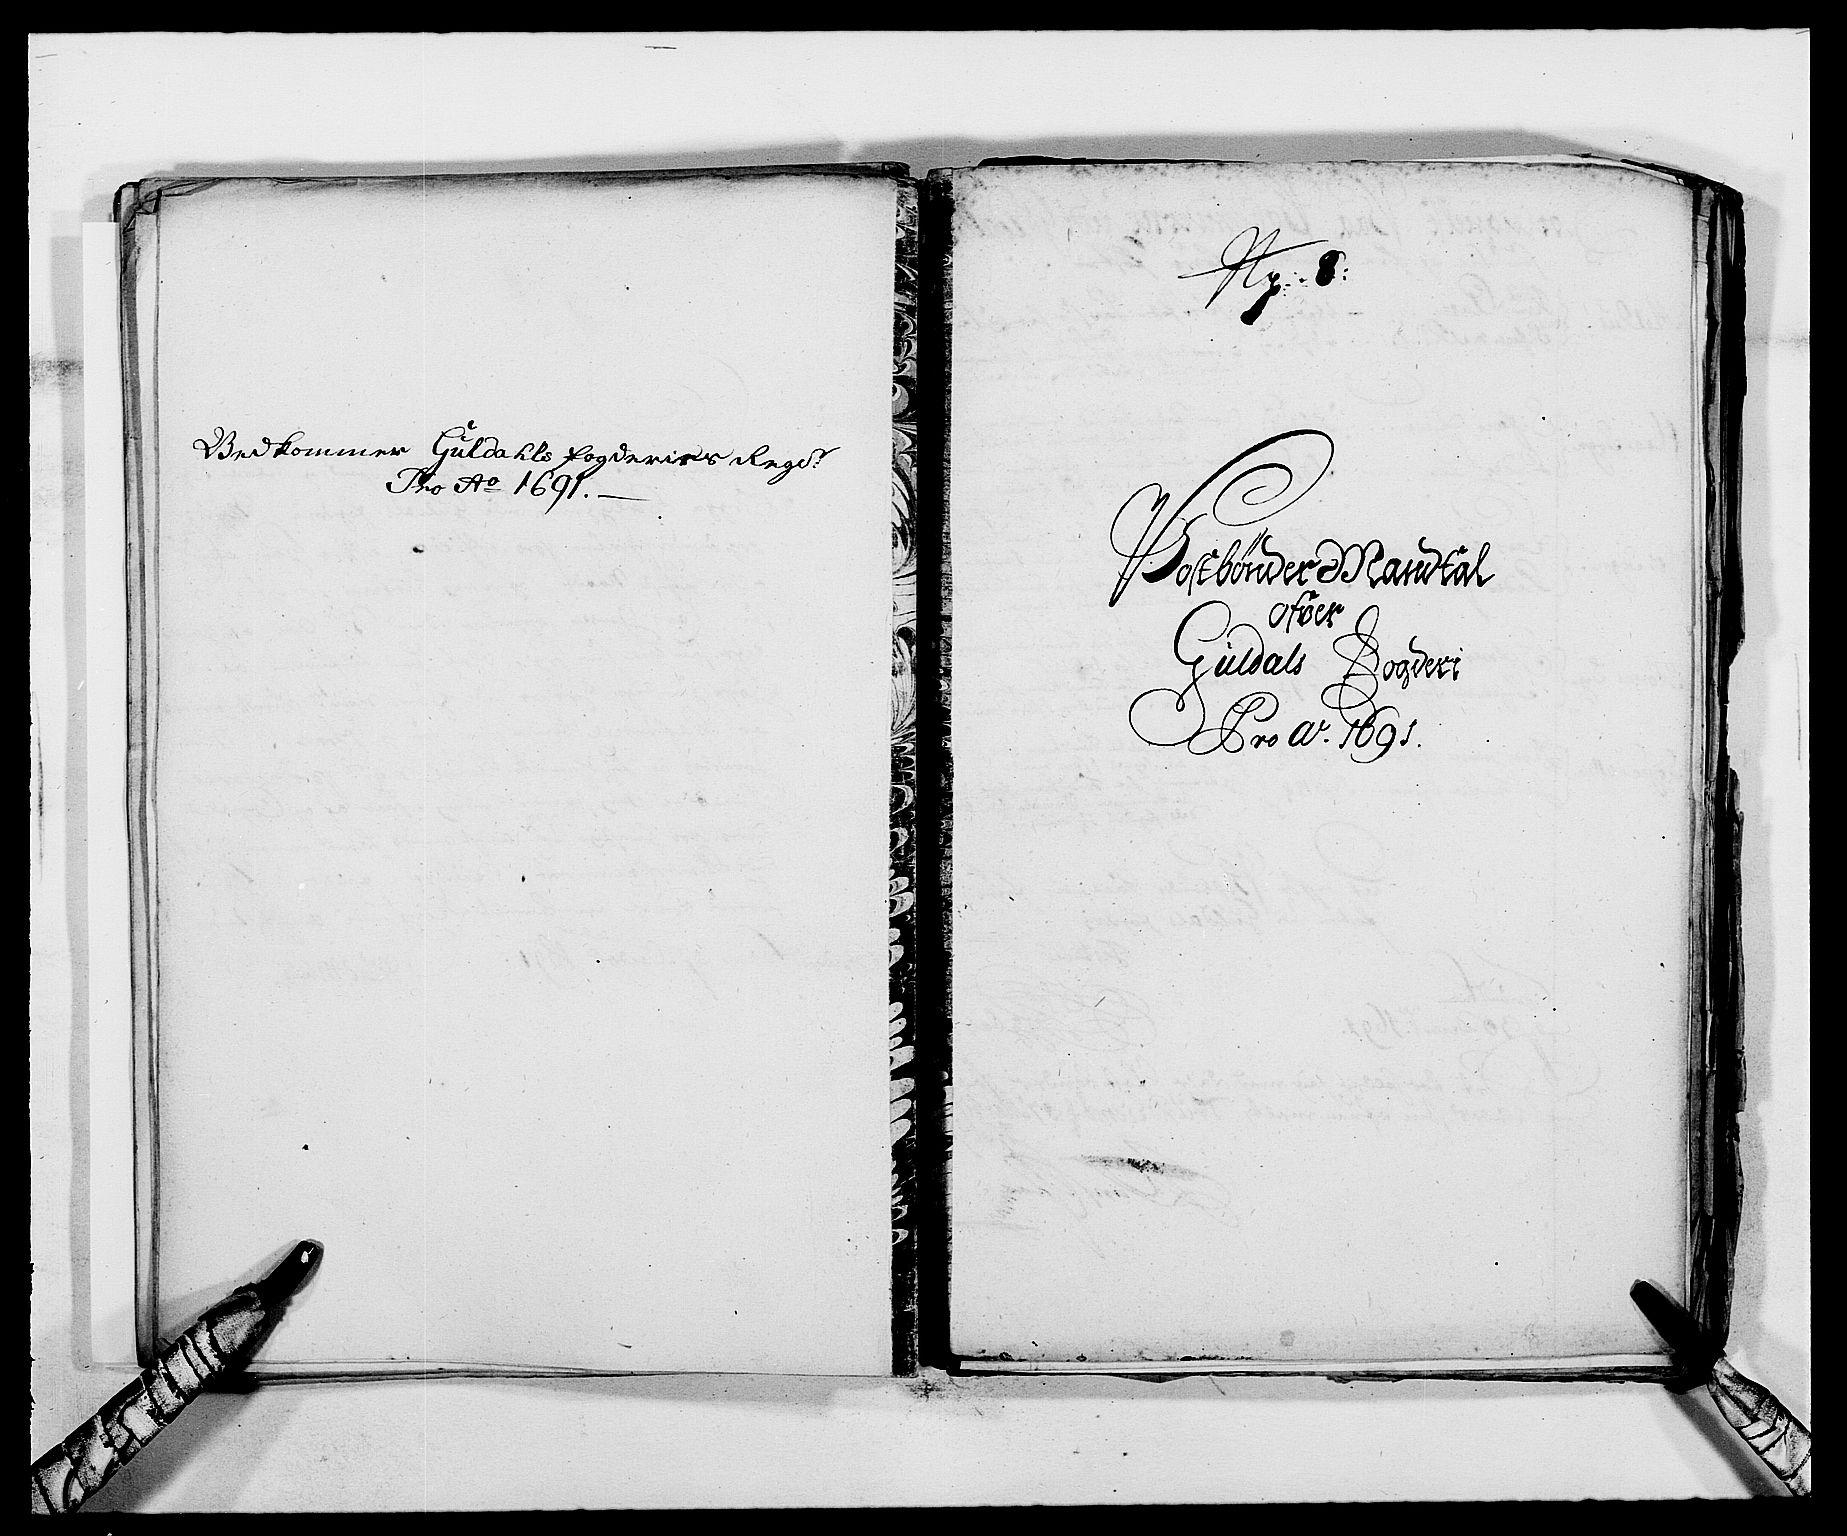 RA, Rentekammeret inntil 1814, Reviderte regnskaper, Fogderegnskap, R59/L3941: Fogderegnskap Gauldal, 1691, s. 197